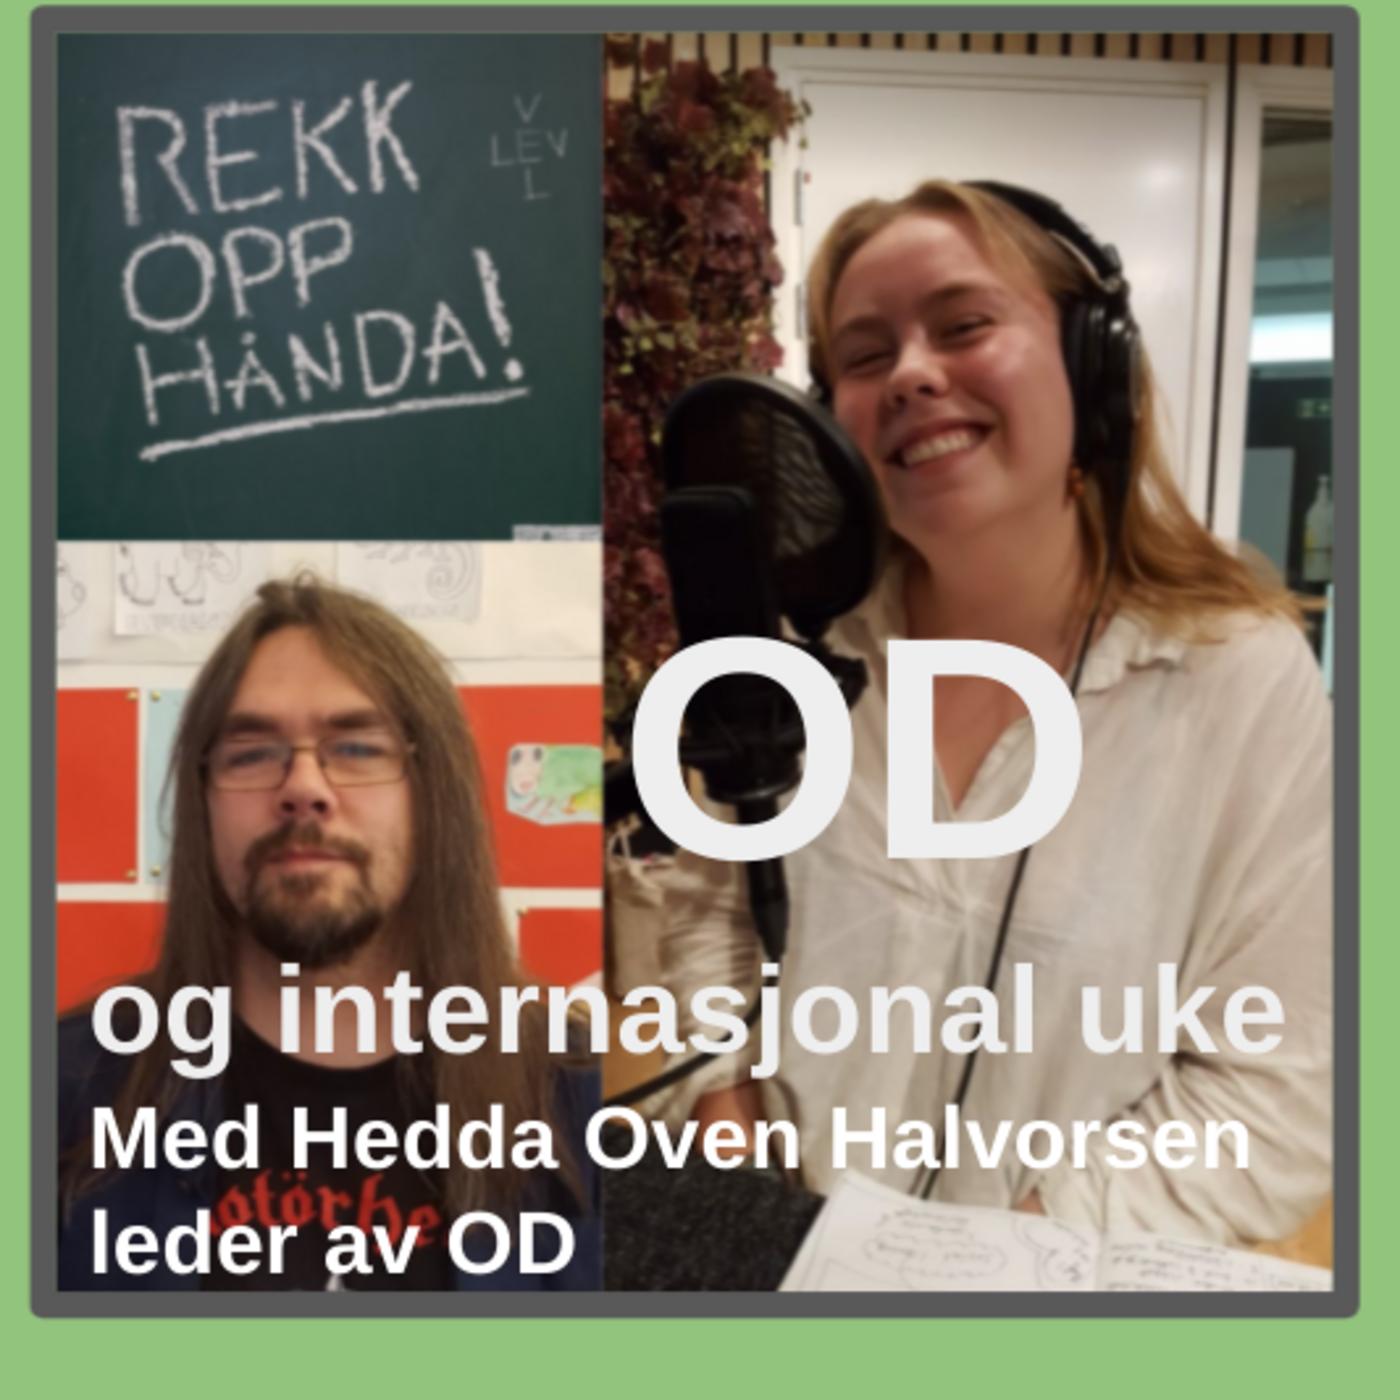 OD og Internasjonal uke 2021 med Hedda Oven Halvorsen